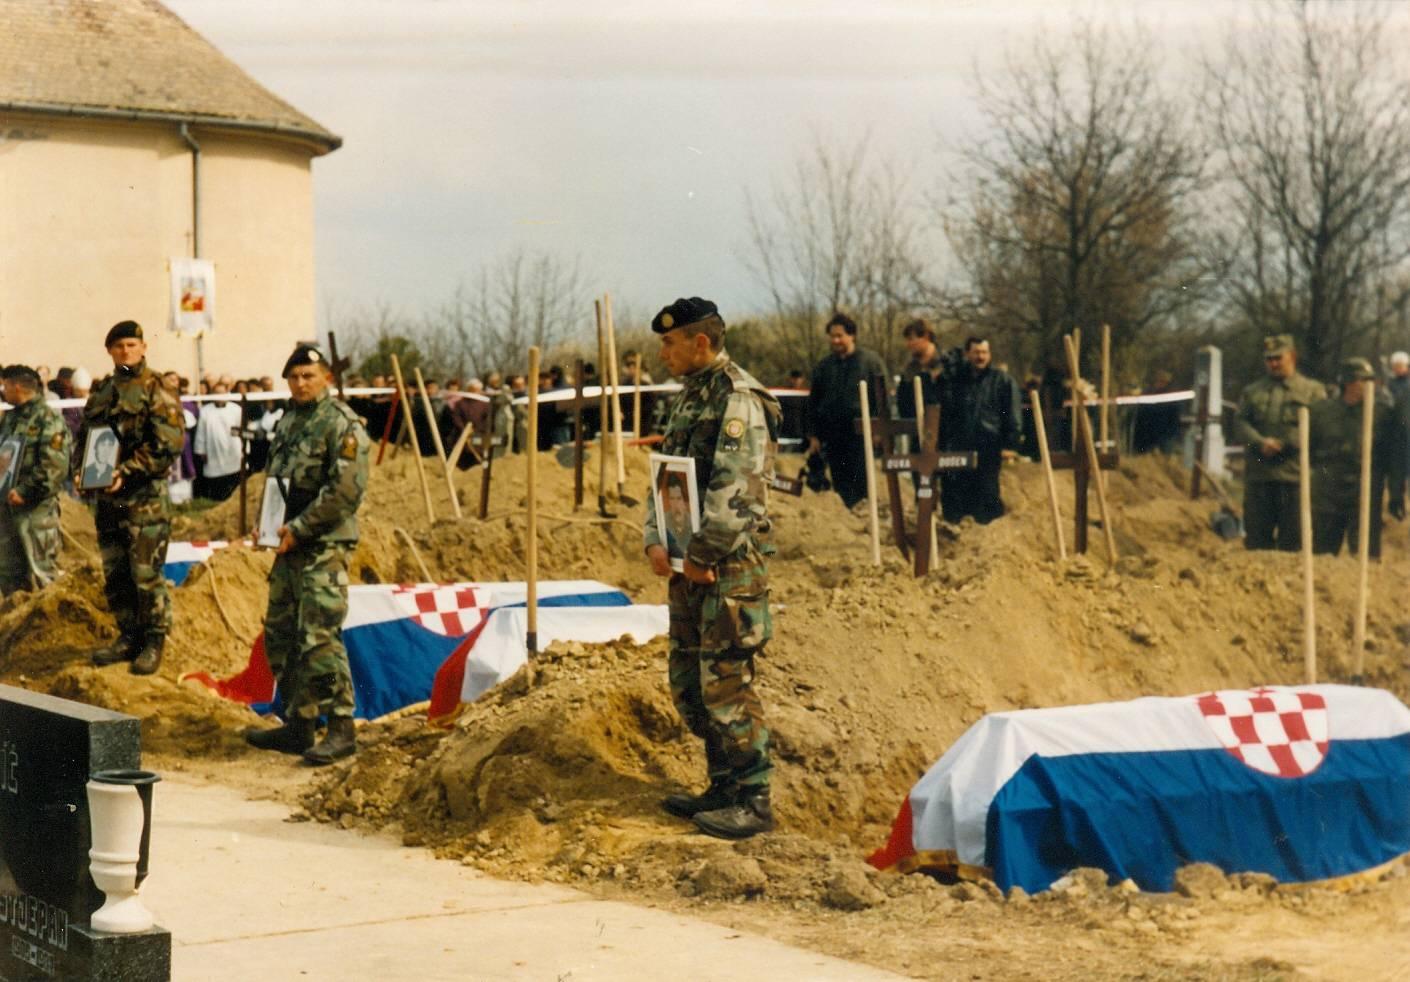 Zločin u Lovasu: Mjesto gdje su  četnici 'čistili' teritorij od civila